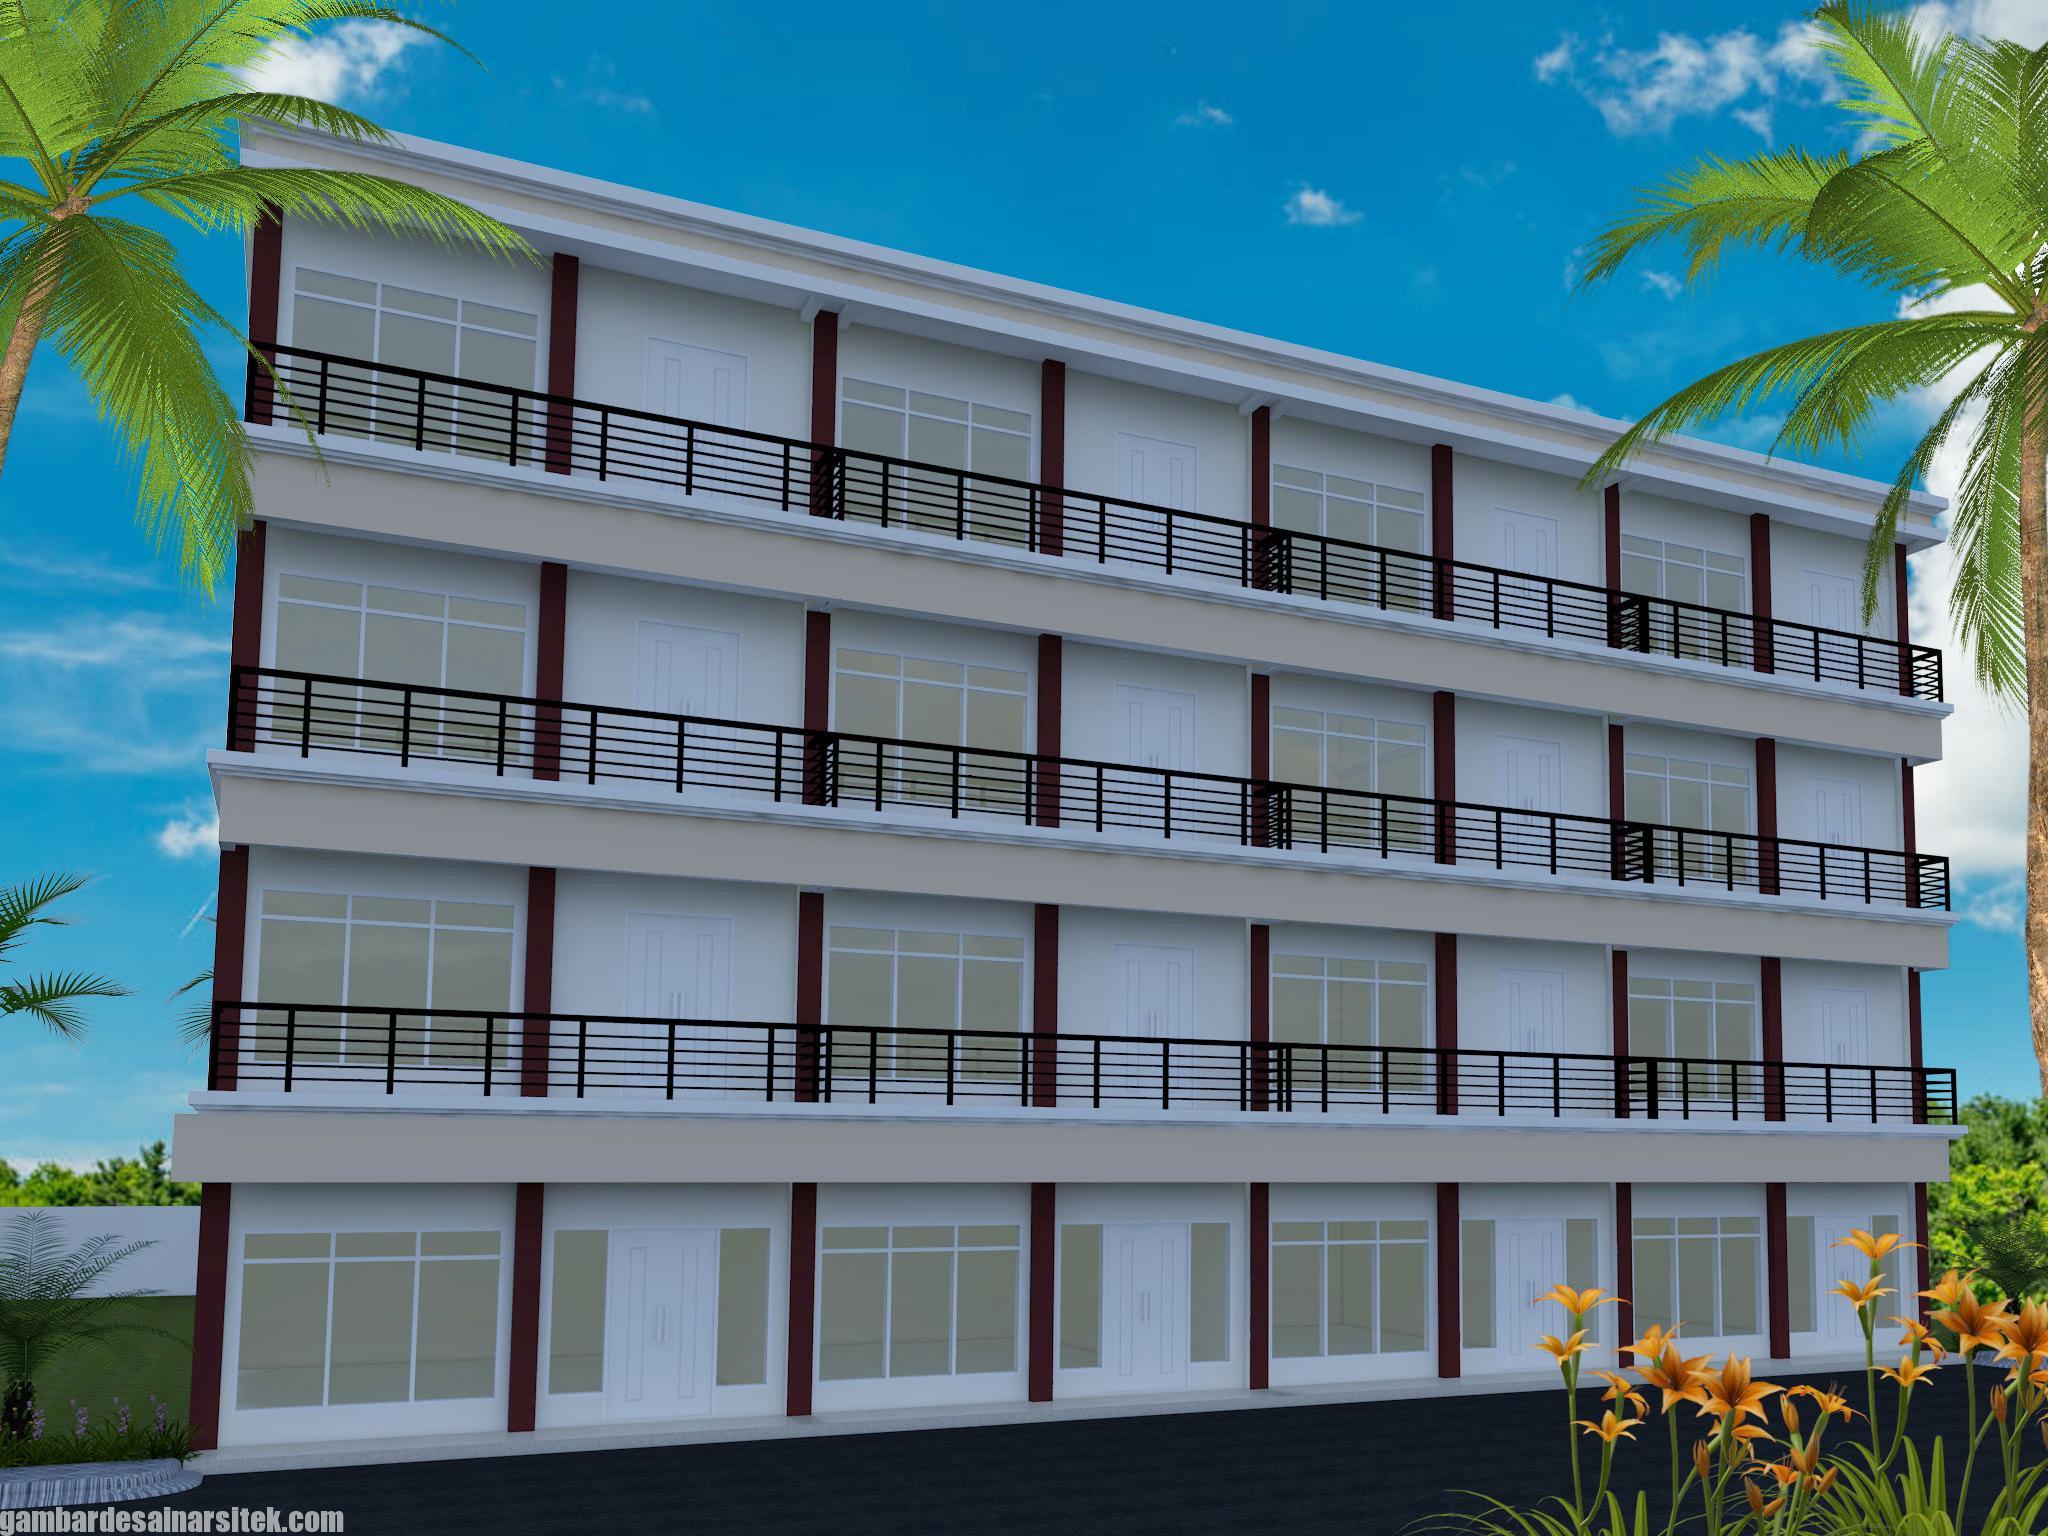 Desain Rumah Kost Minimalis 4 Lantai (1)